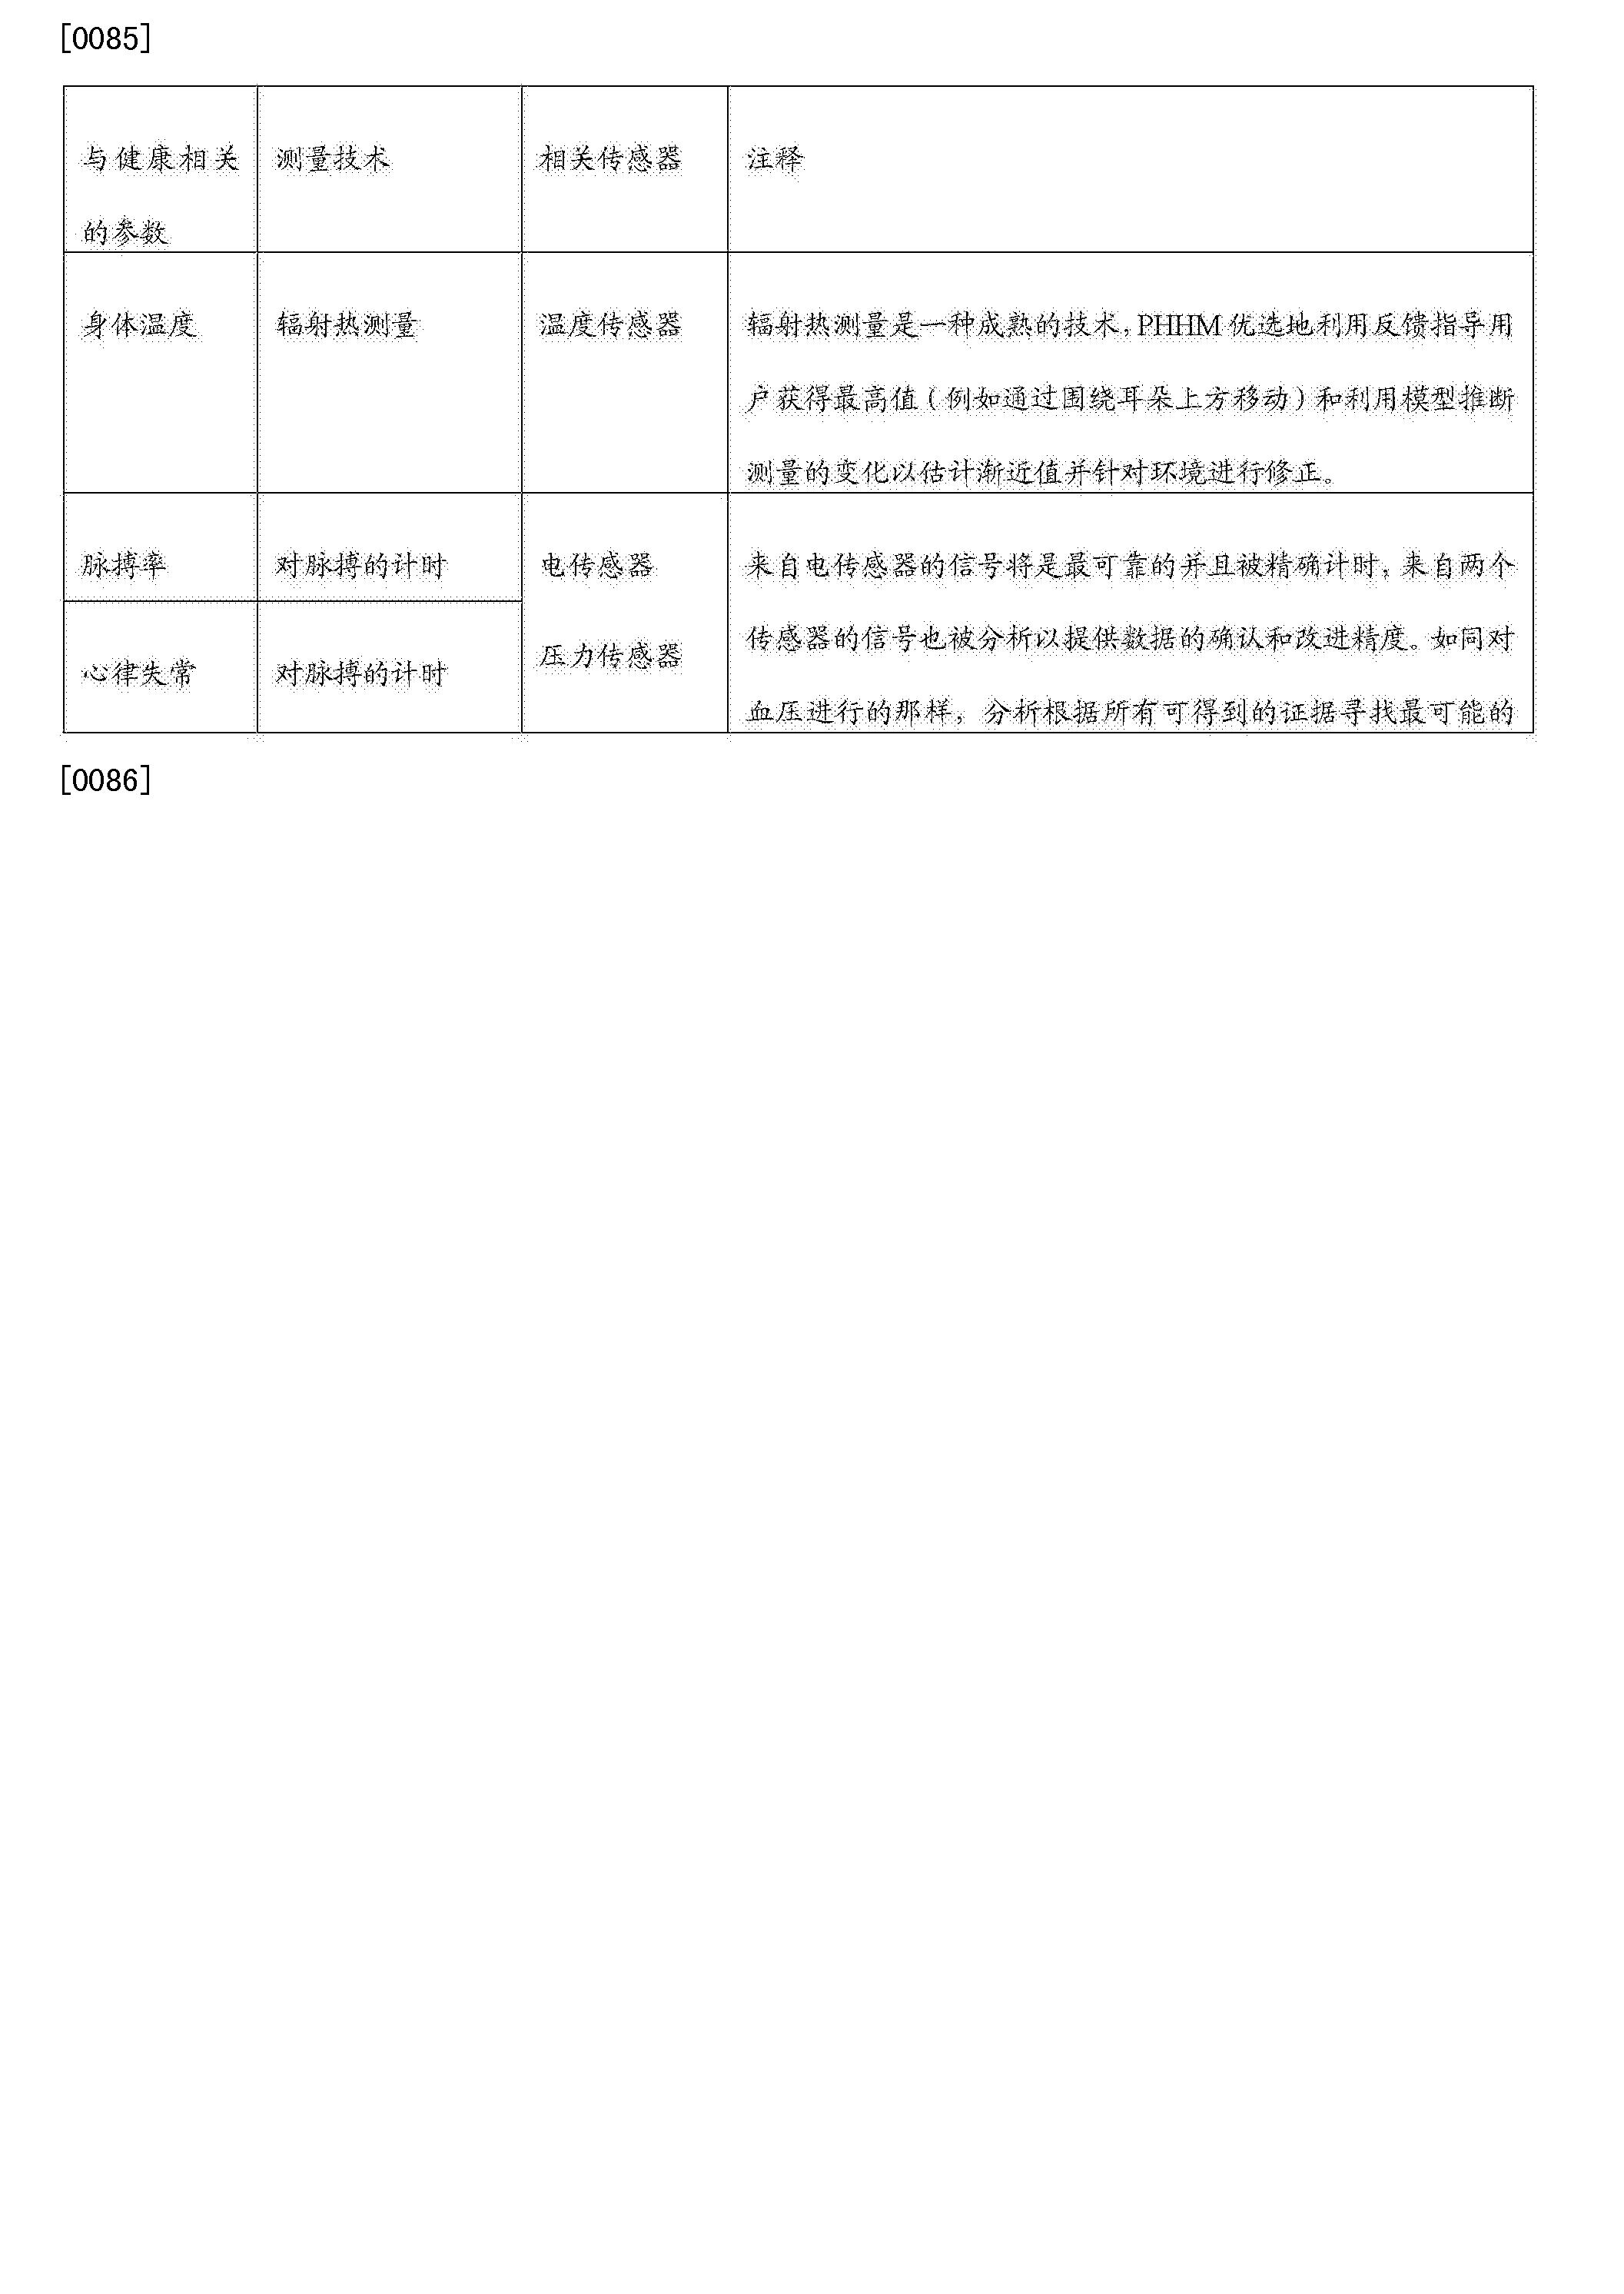 Figure CN103648373BD00101